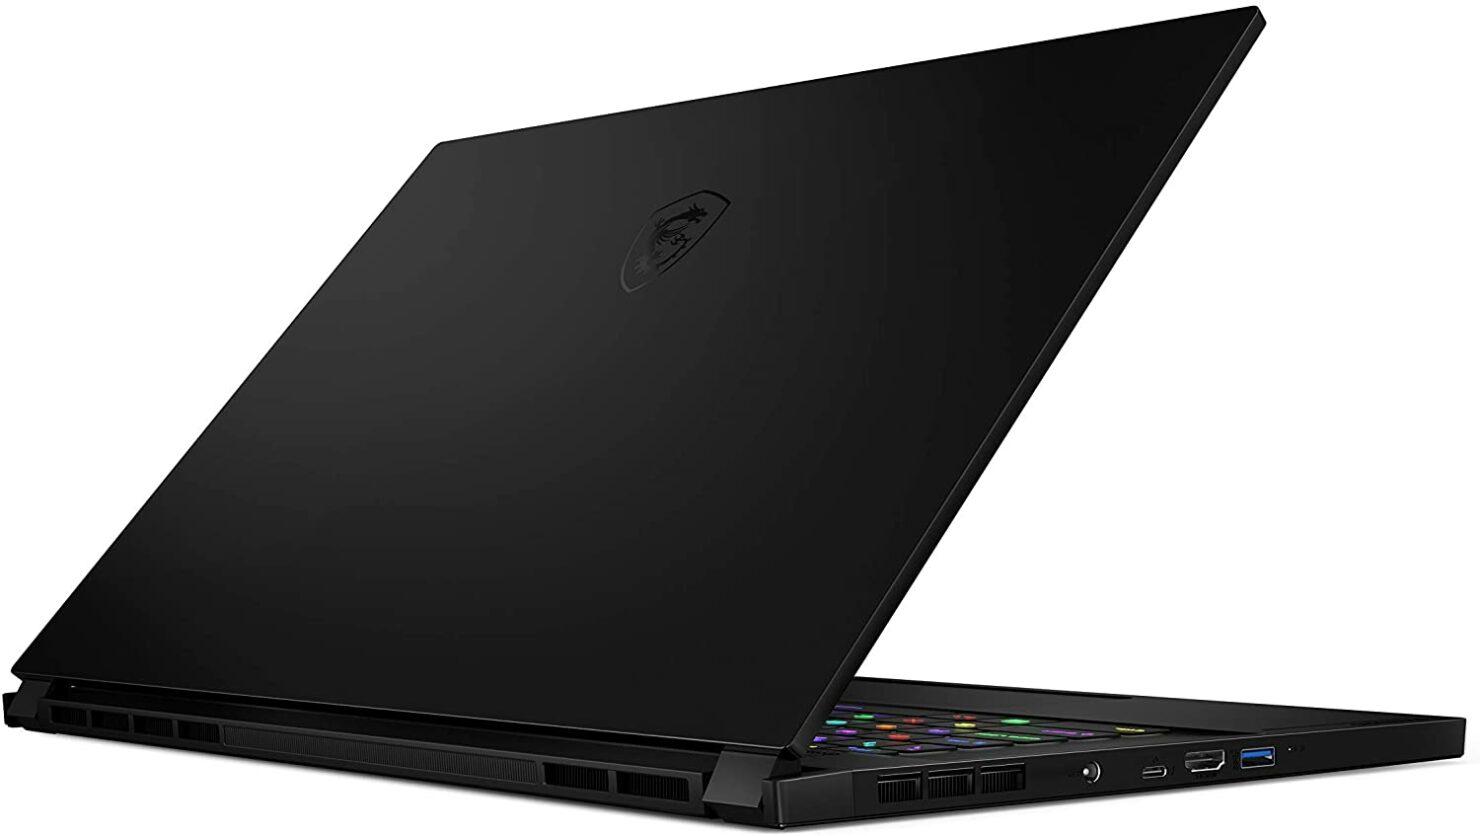 msi-stealth-gs66-gaming-notebooks_intel-10th-gen-core-i9-10980hk-comet-lake-h-cpu-nvidia-geforce-rtx-2080-super-mobility-gpu_2